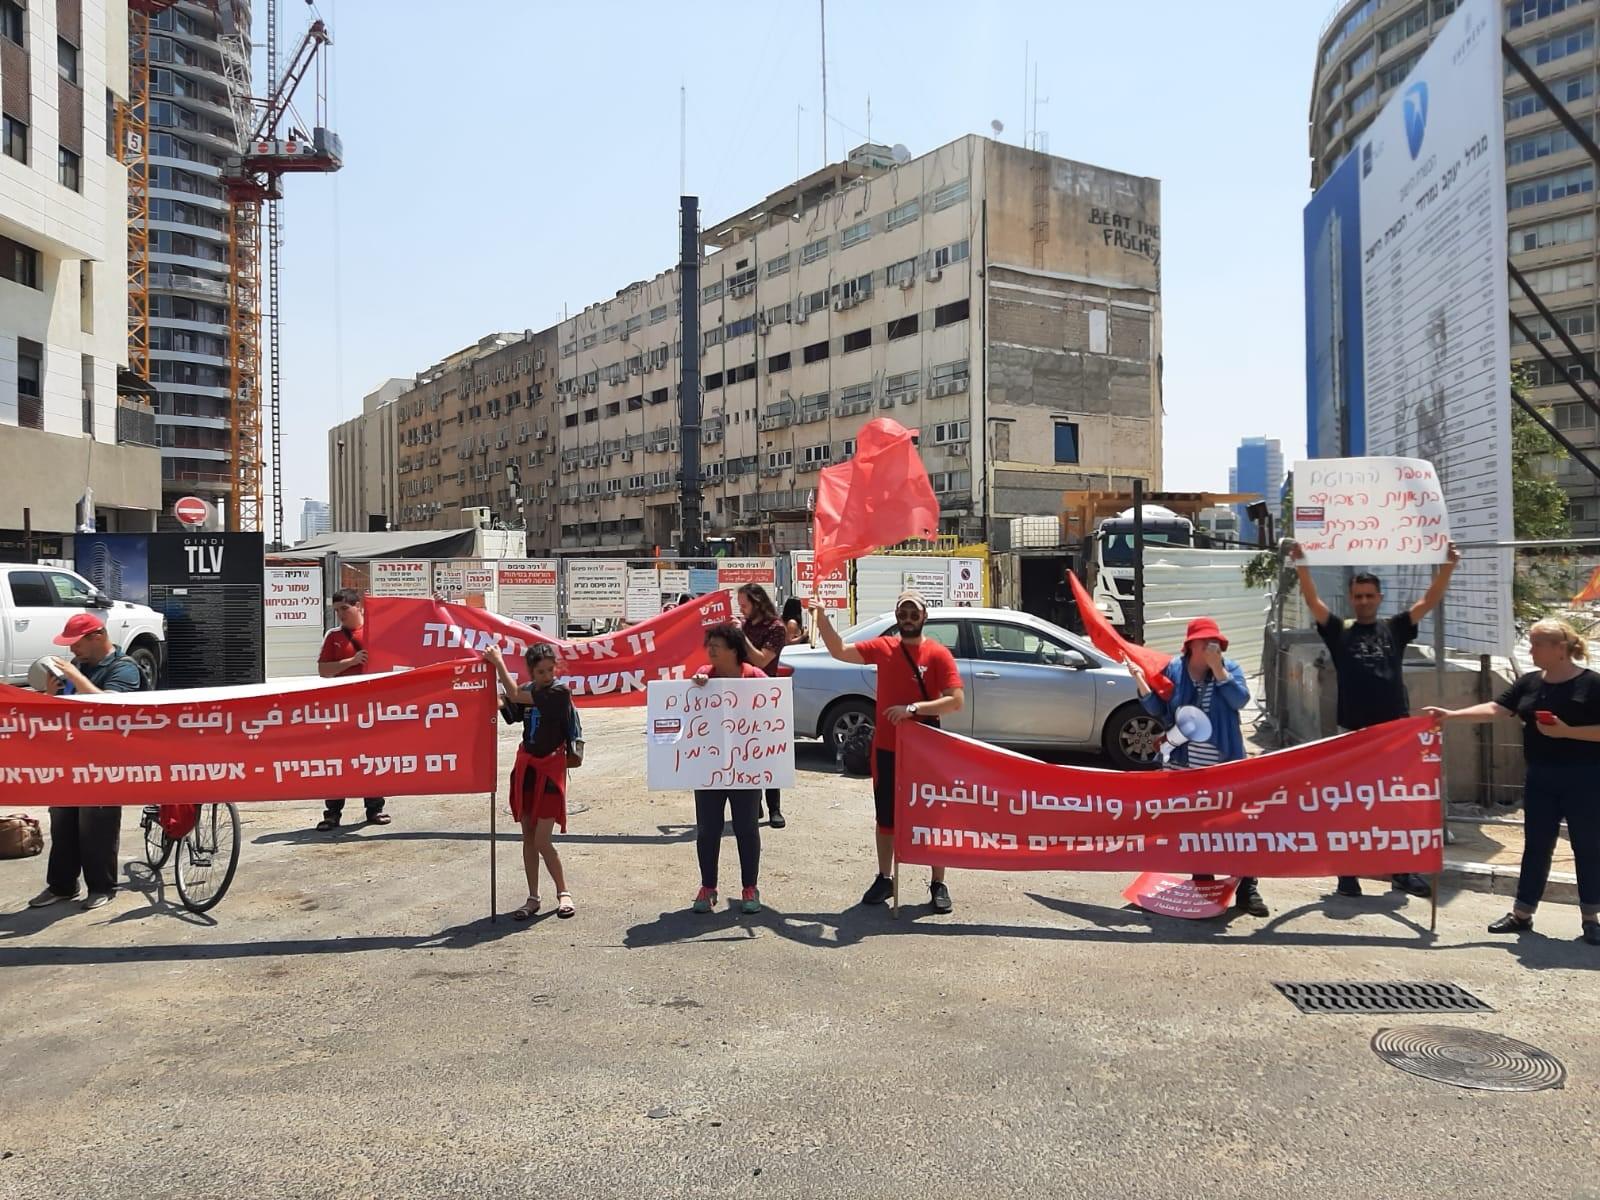 """פעילי חד""""ש הפגינו נגד הקטל באתרי הבנייה; שישה הרוגים בתאונות עבודה בשבוע האחרון"""